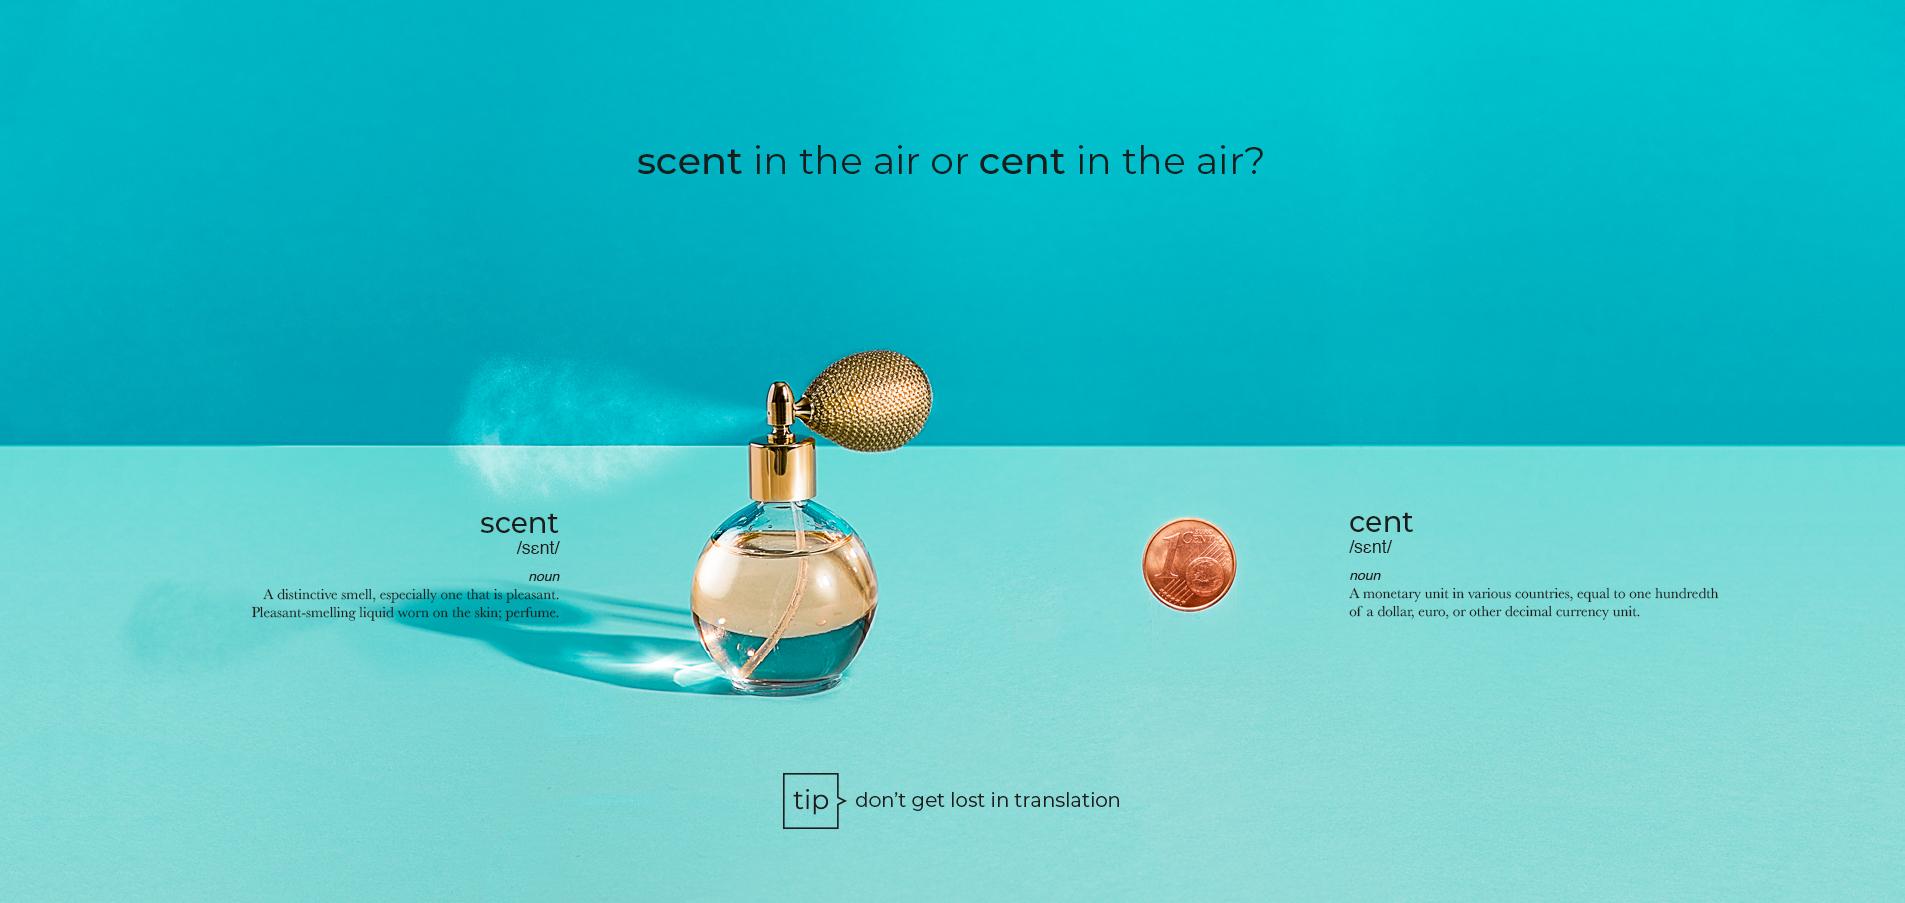 scent cent